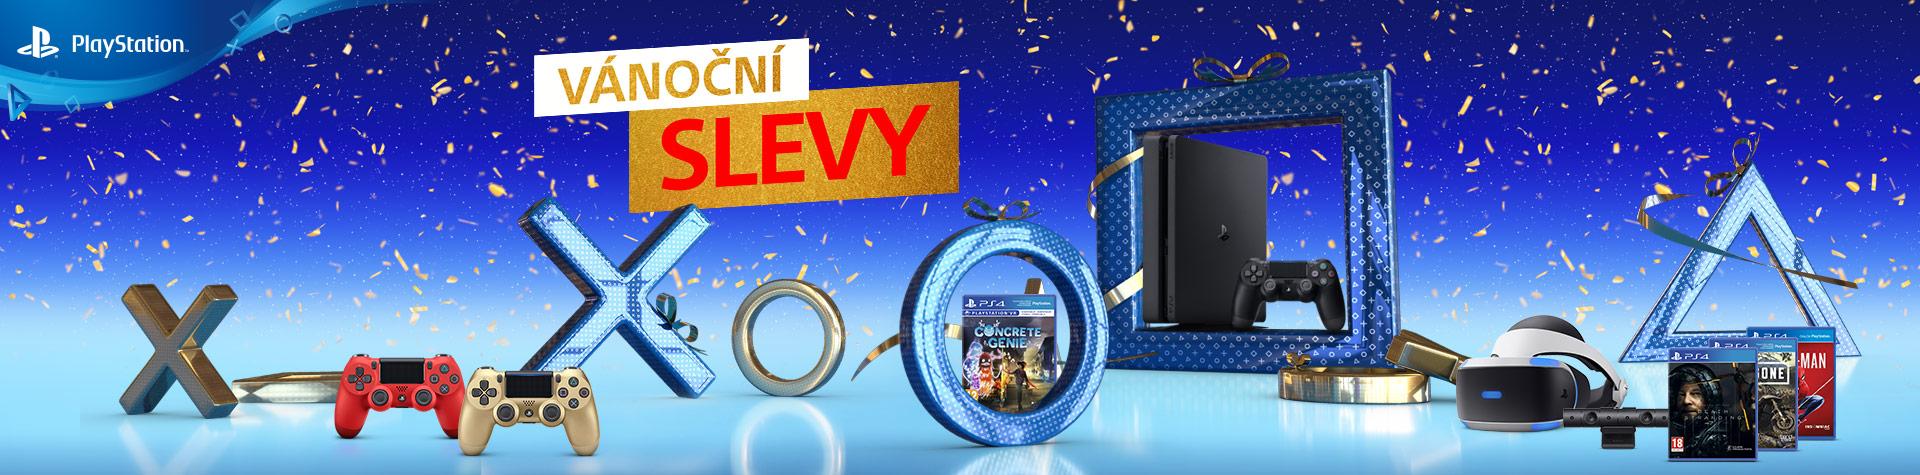 Ušetřete na herních vánočních dárcích PS4VANOCE HP